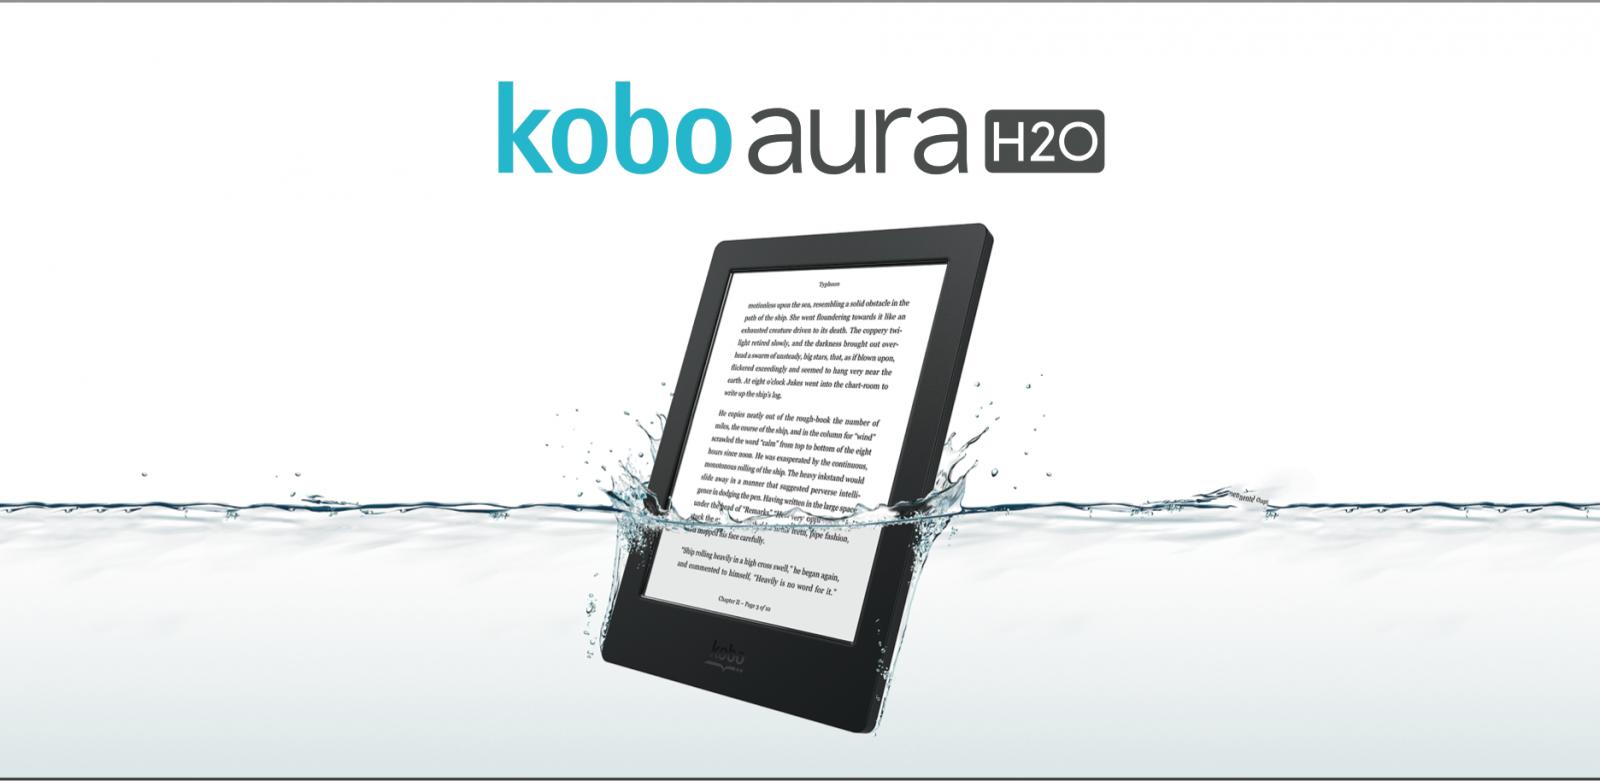 Kobo Aura H20 Waterproof Ereader